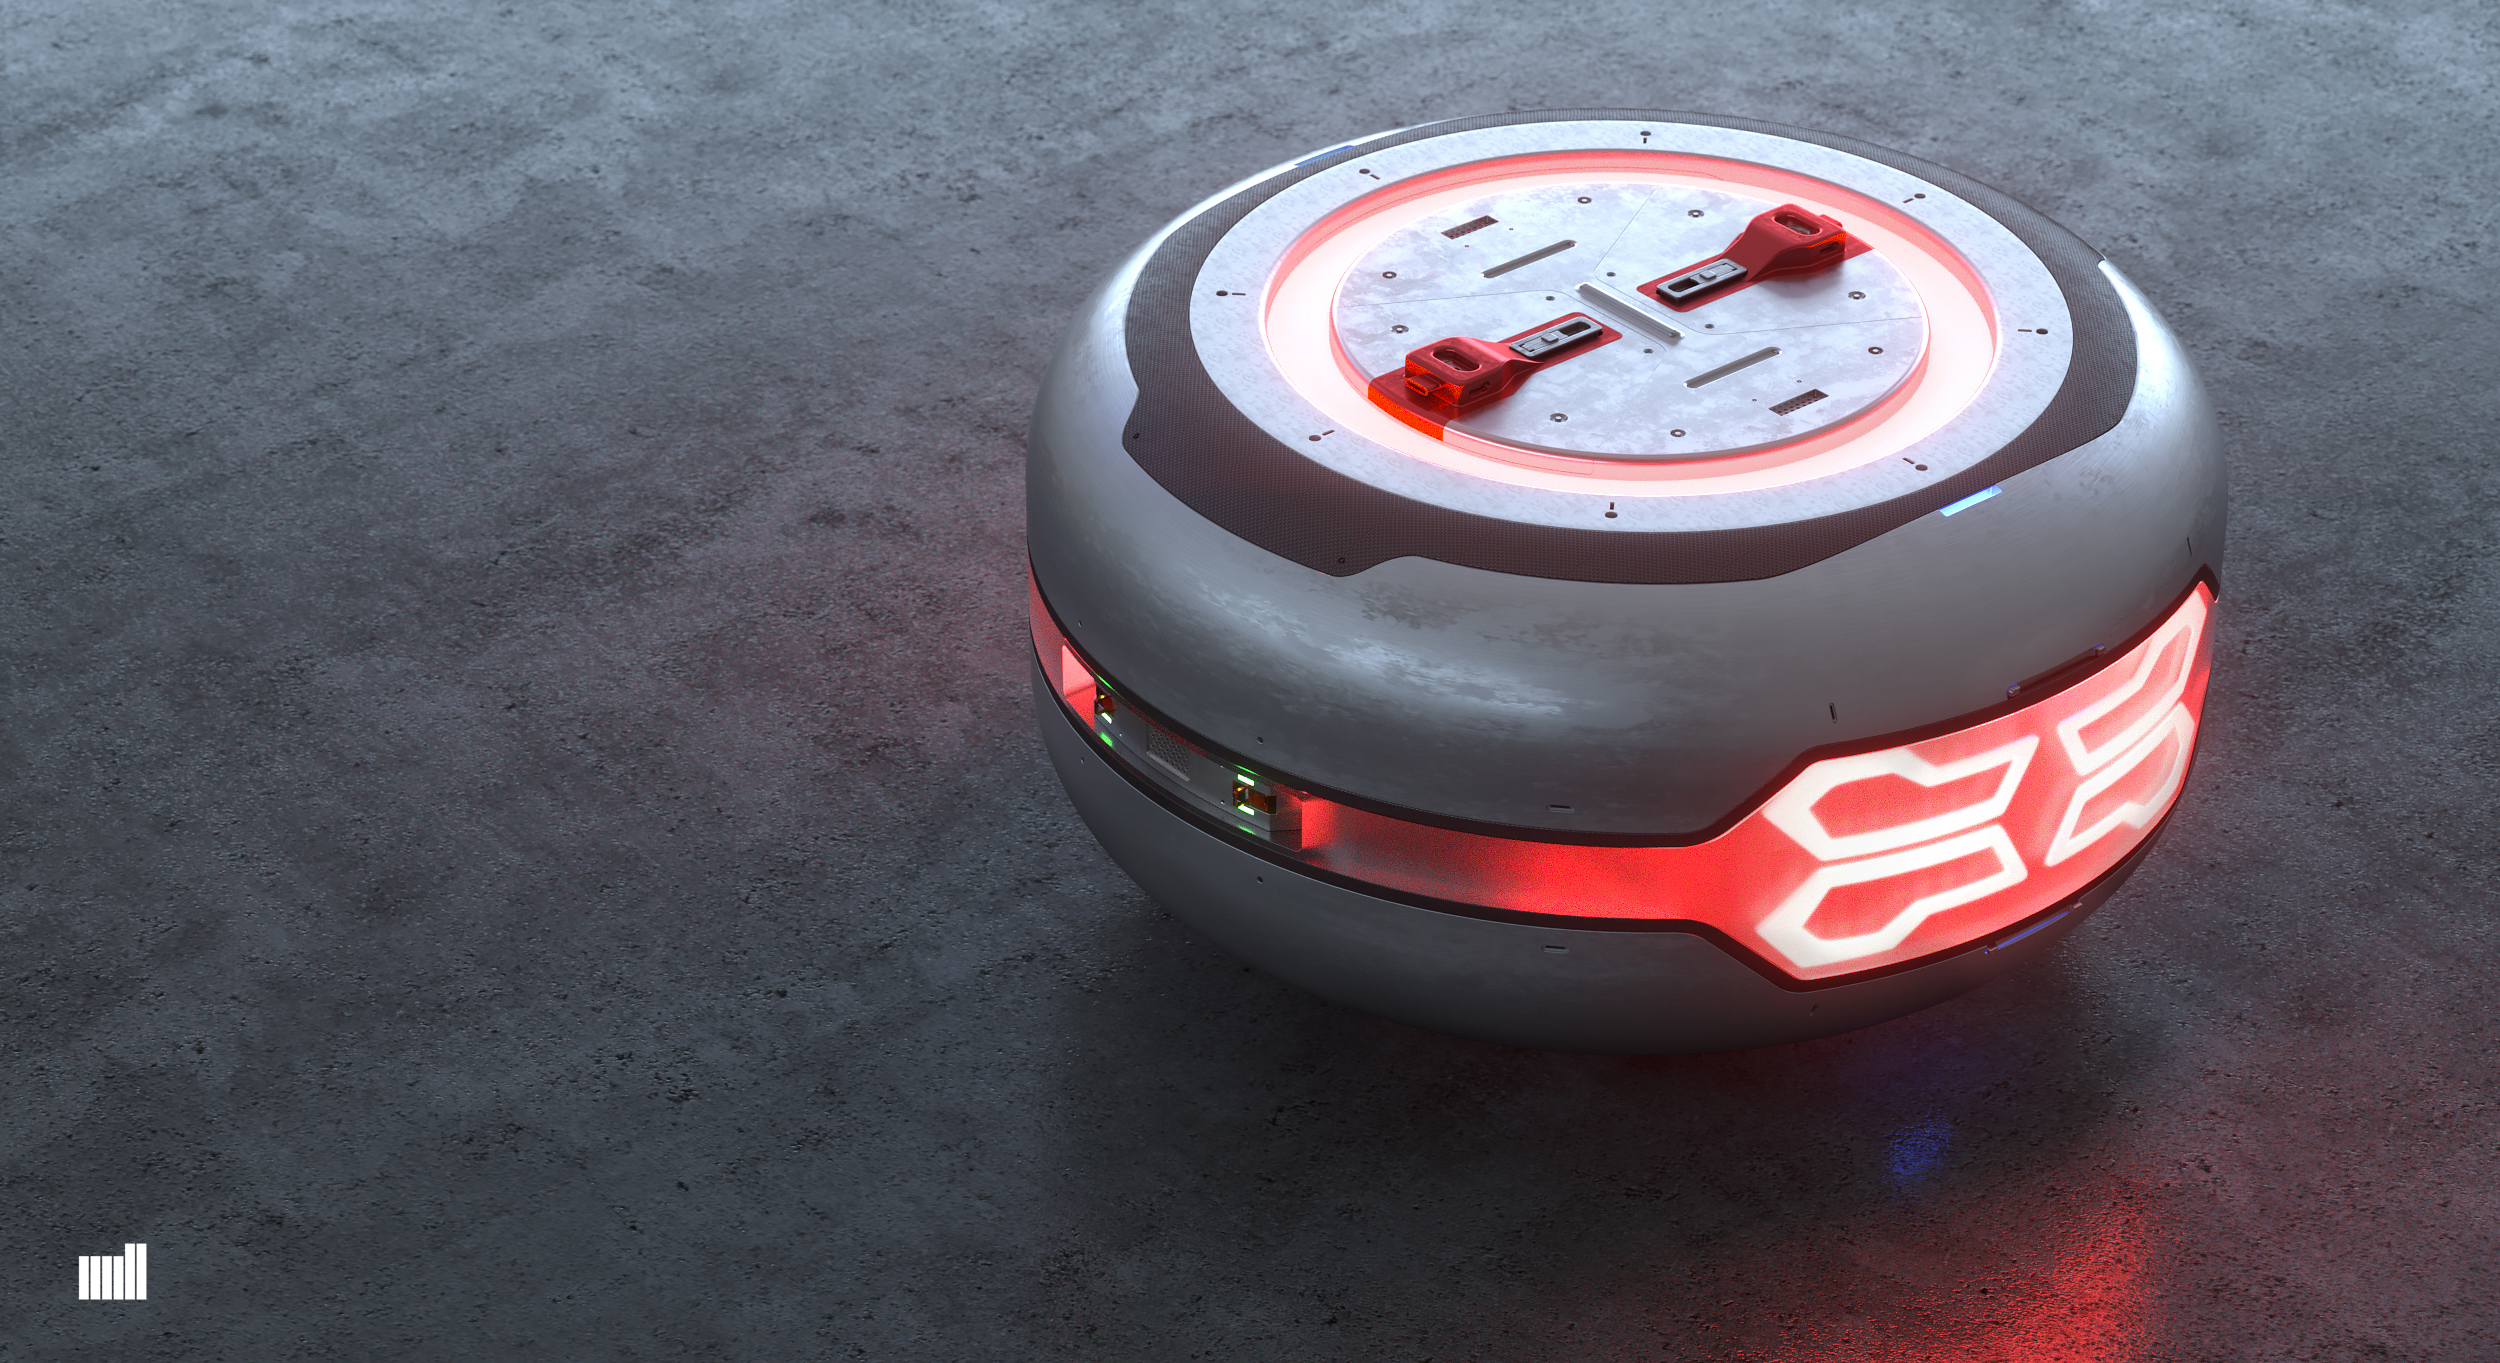 robot A01